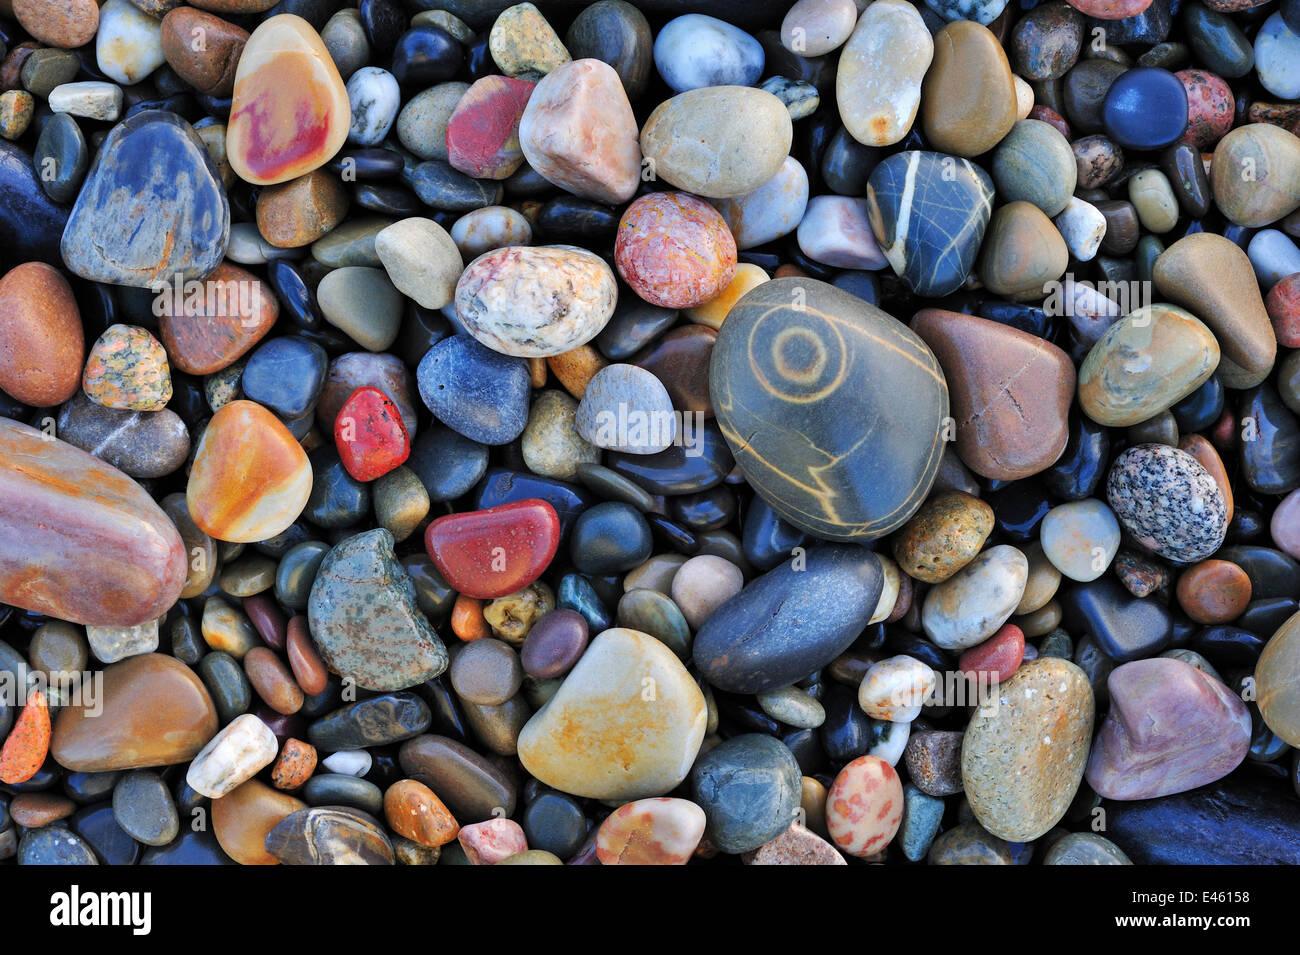 Buntes Wasser geglättet Kieselsteine am Kiesstrand. Normandie, Frankreich, Oktober 2010. Stockbild